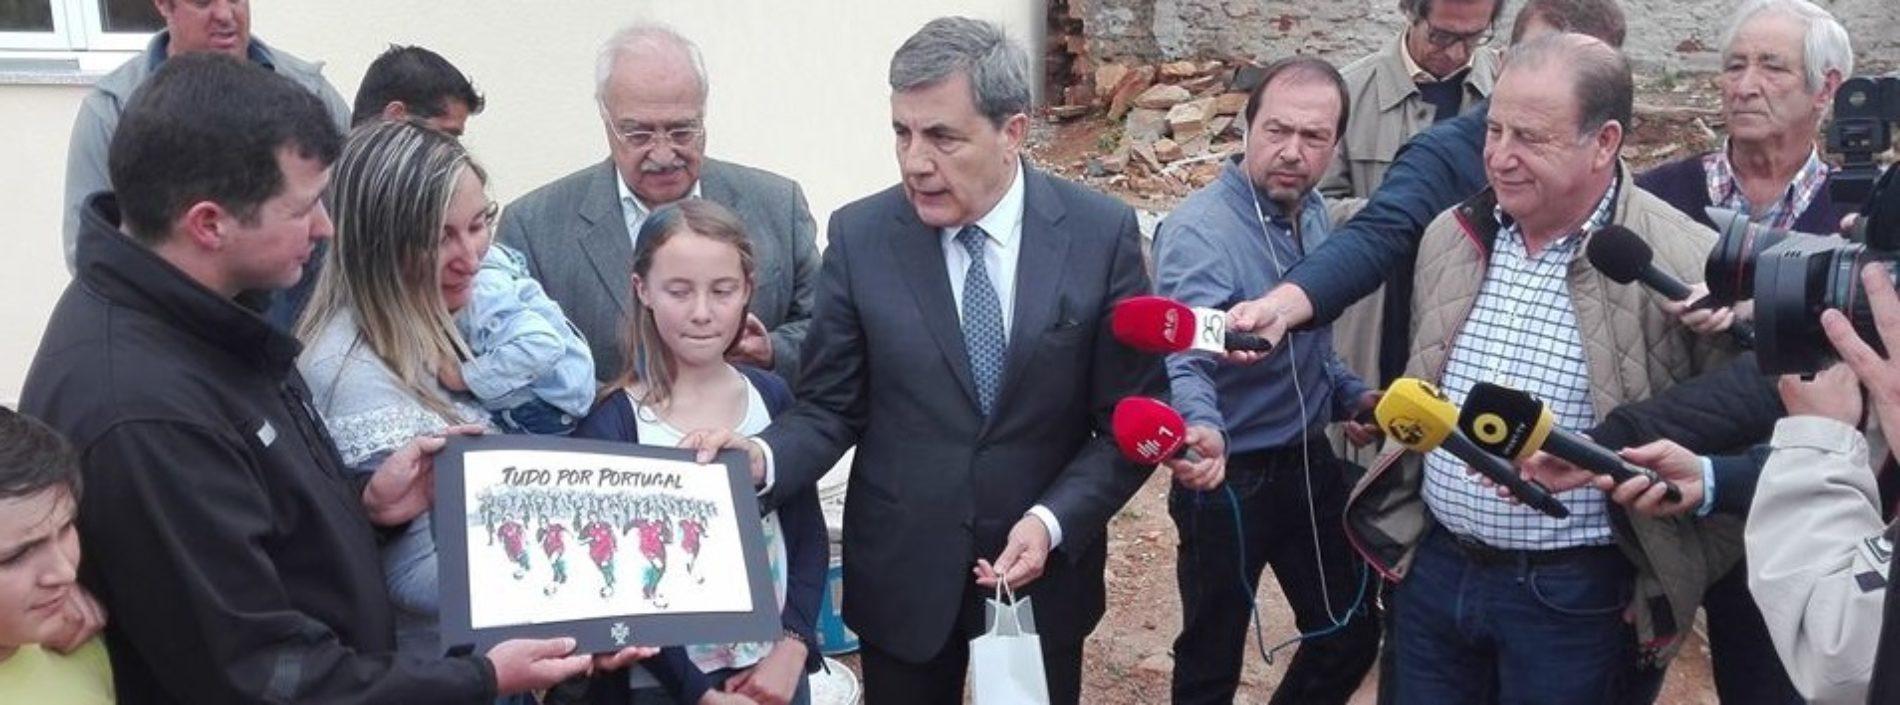 Federação Portuguesa de Futebol entregou casa a família vítima dos incêndios de Oliveira do Hospital